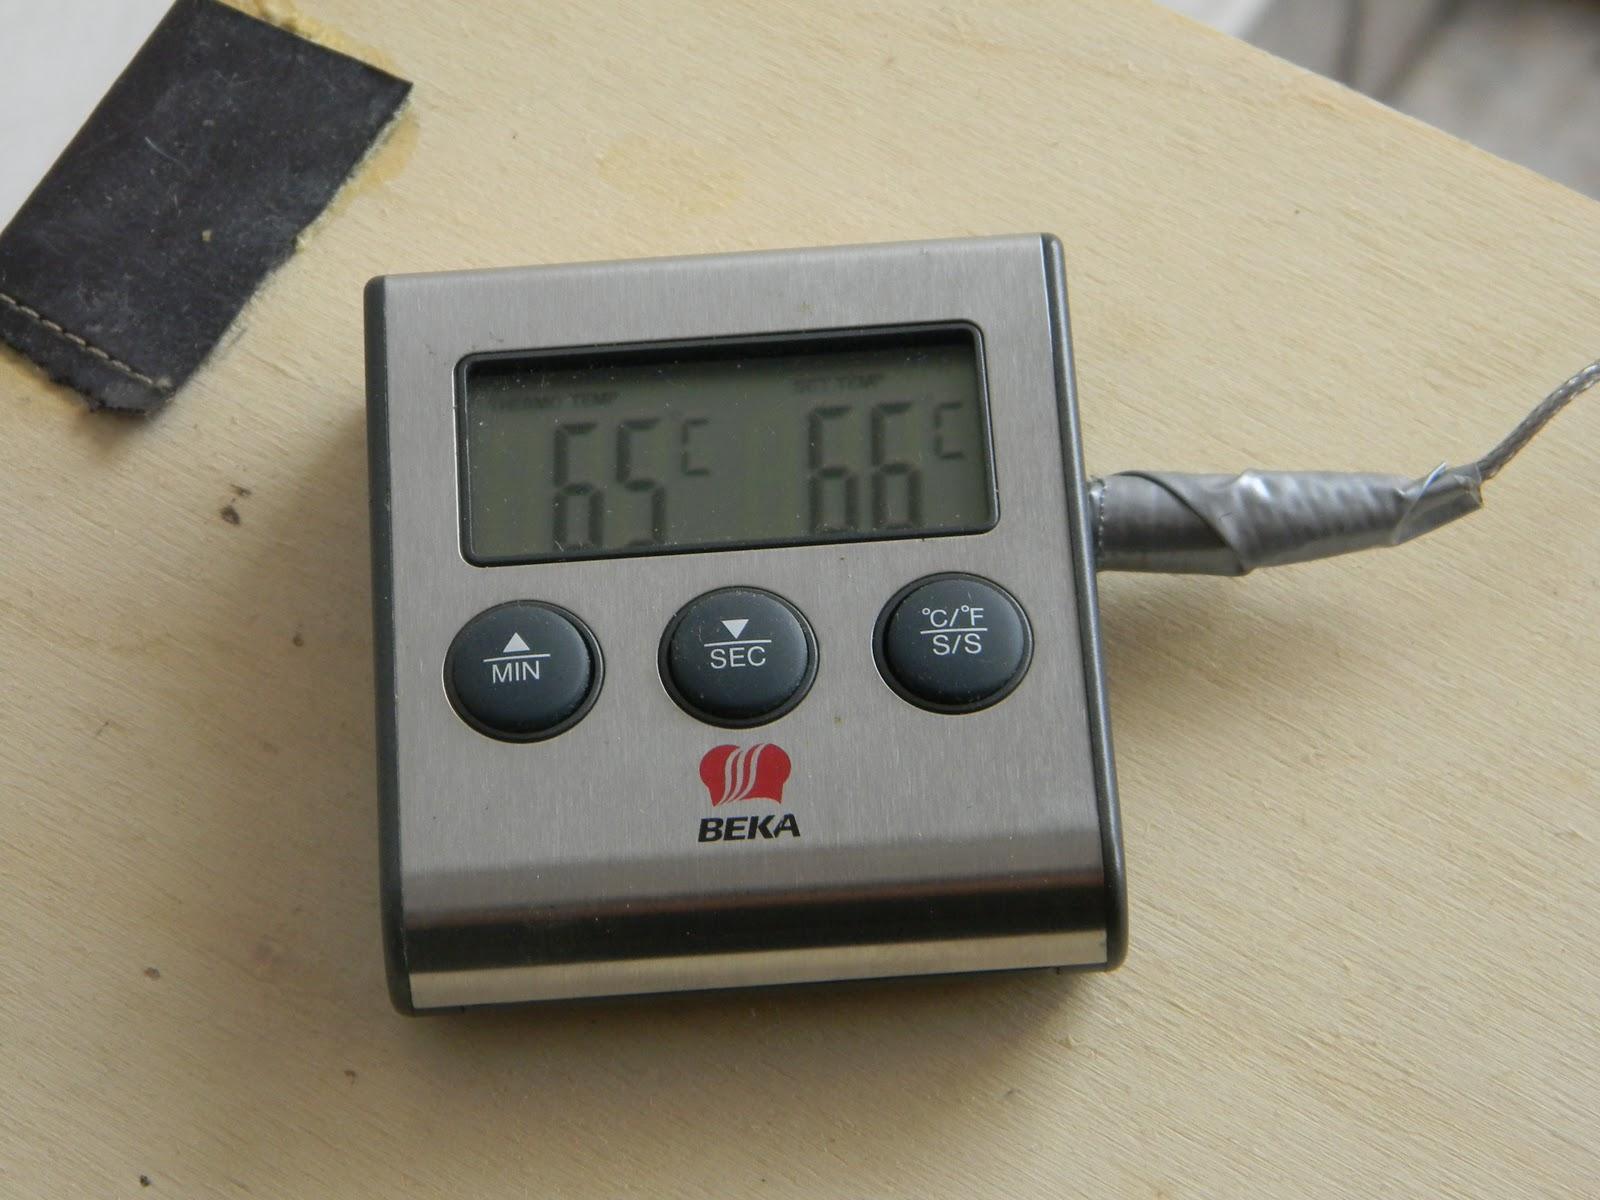 Attrezzatura per fare la birra artigianale in casa - Termometro da cucina ikea ...